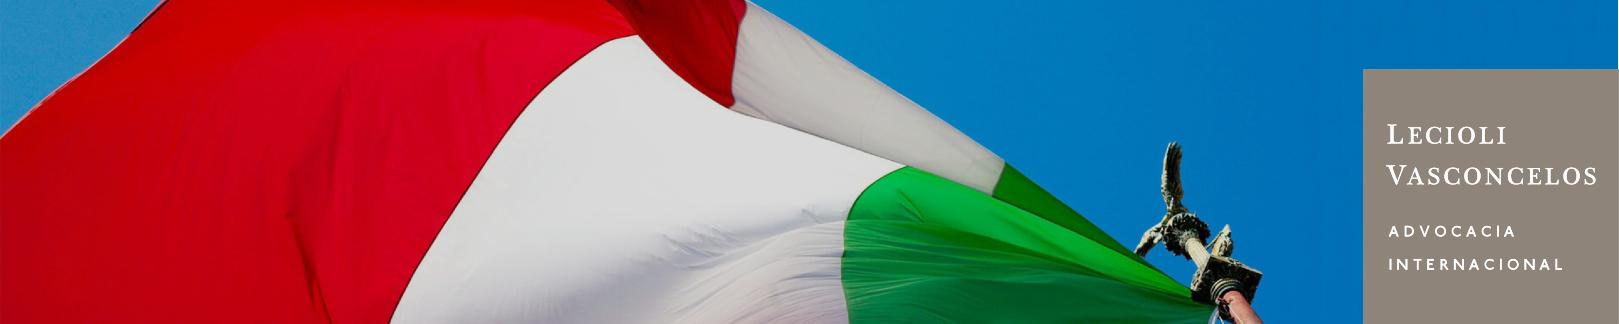 Residenza elettiva permesso carta di soggiorno it lia for Permesso di soggiorno italia